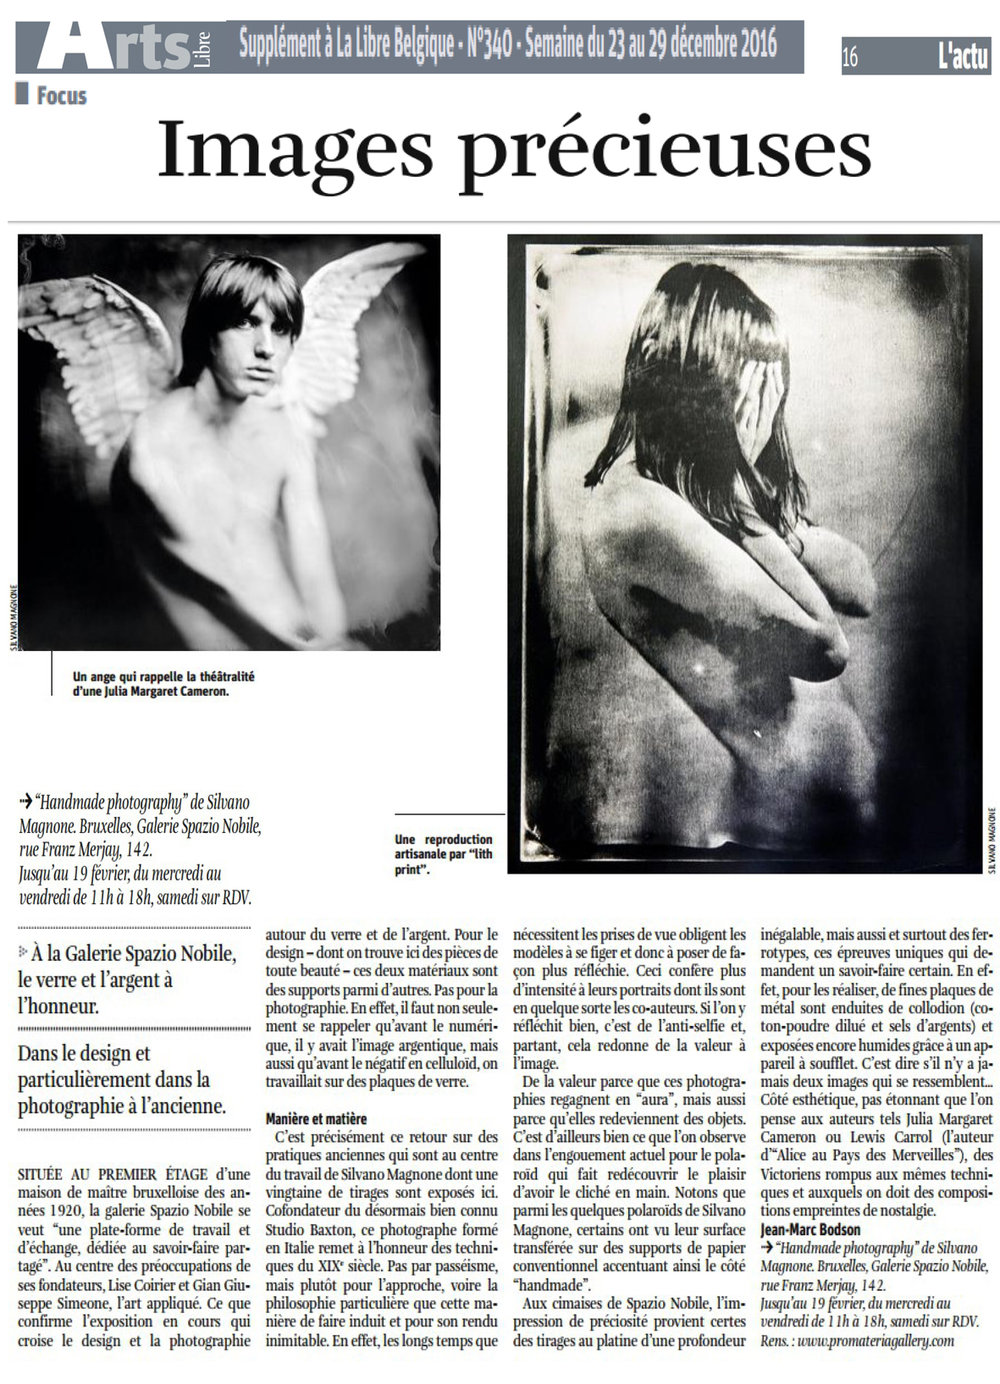 LA libre arts 23 12 2016_200dpi.jpg